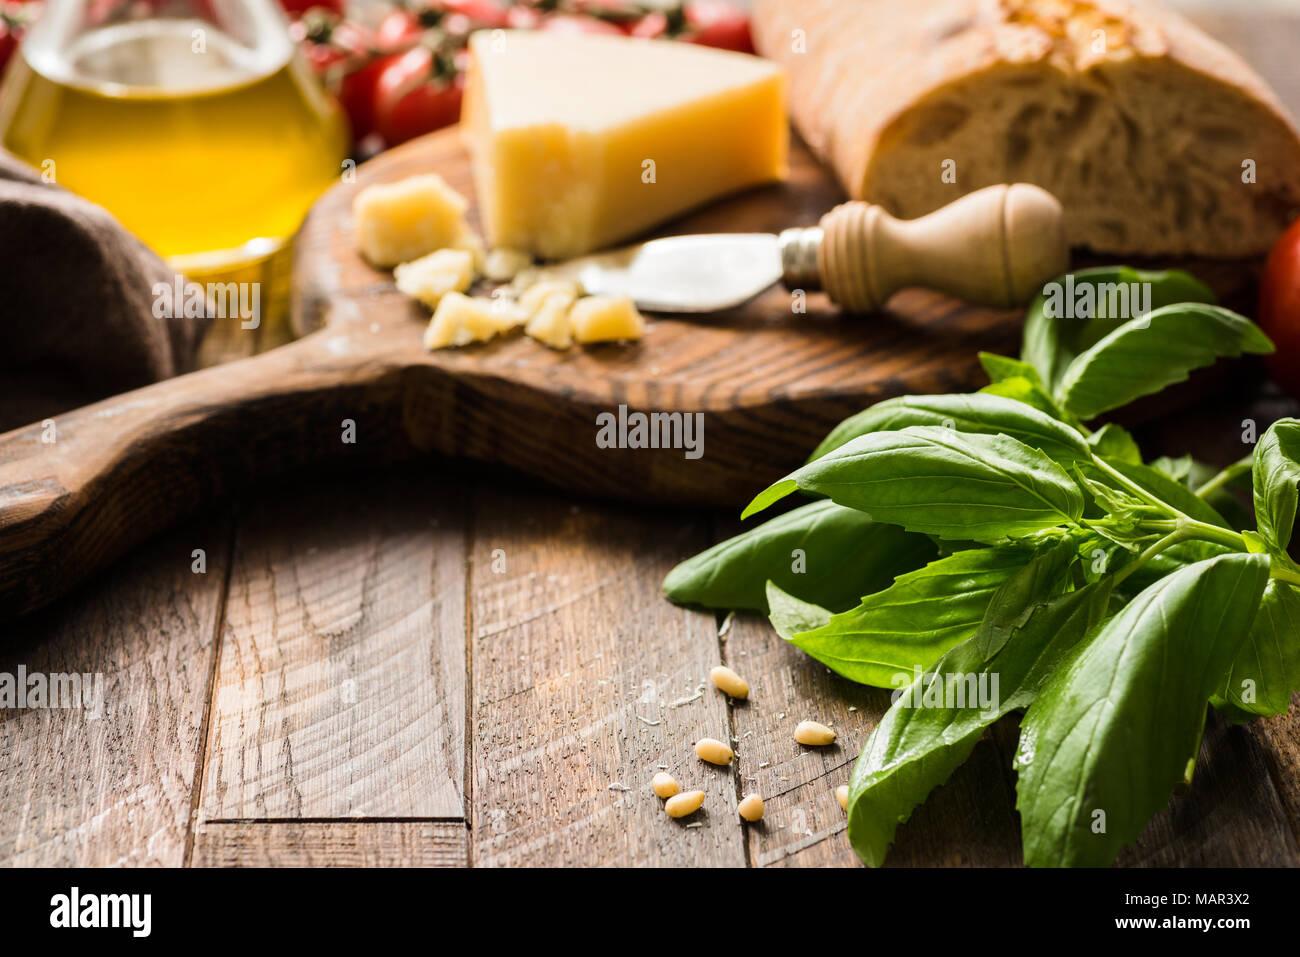 Italienisches Essen Hintergrund mit Parmesan, Olivenöl, Ciabatta und Basilikum auf rustikalen, mit Holz. Kopieren Sie Platz für Text, selektiver Fokus Stockbild